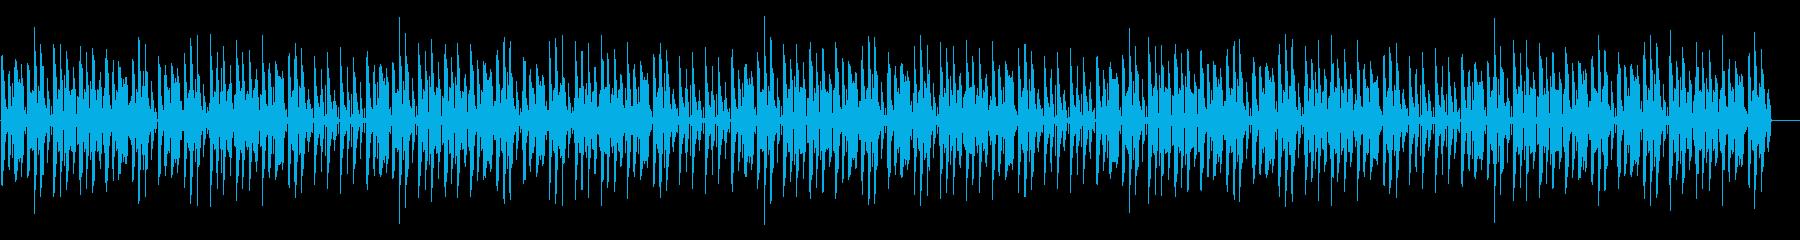 ほのぼの脱力系「ぶんぶんぶん」の再生済みの波形